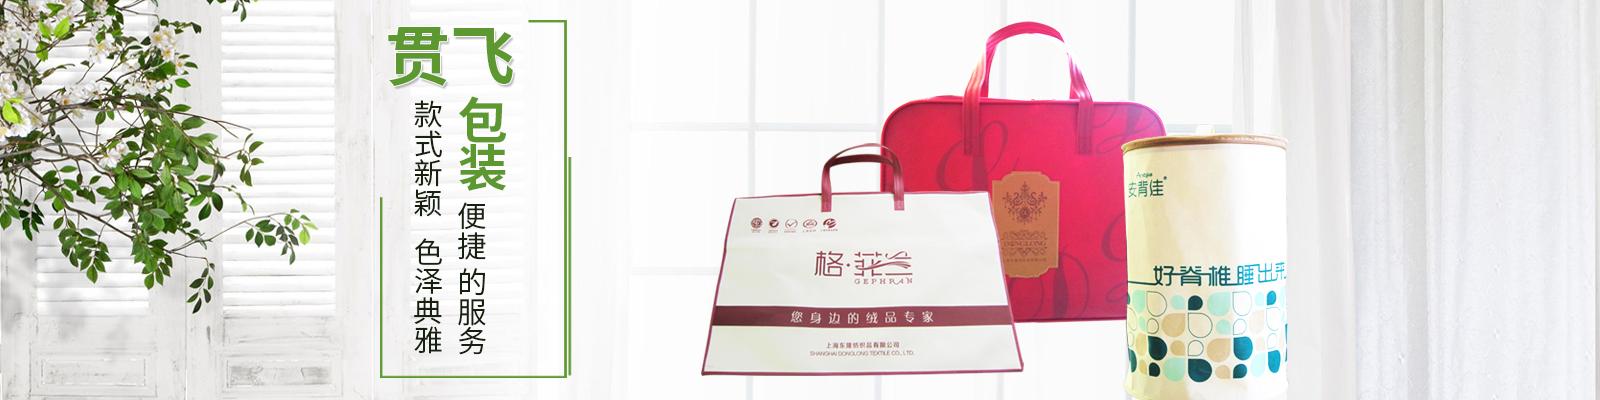 上海贯飞包装制品有限公司